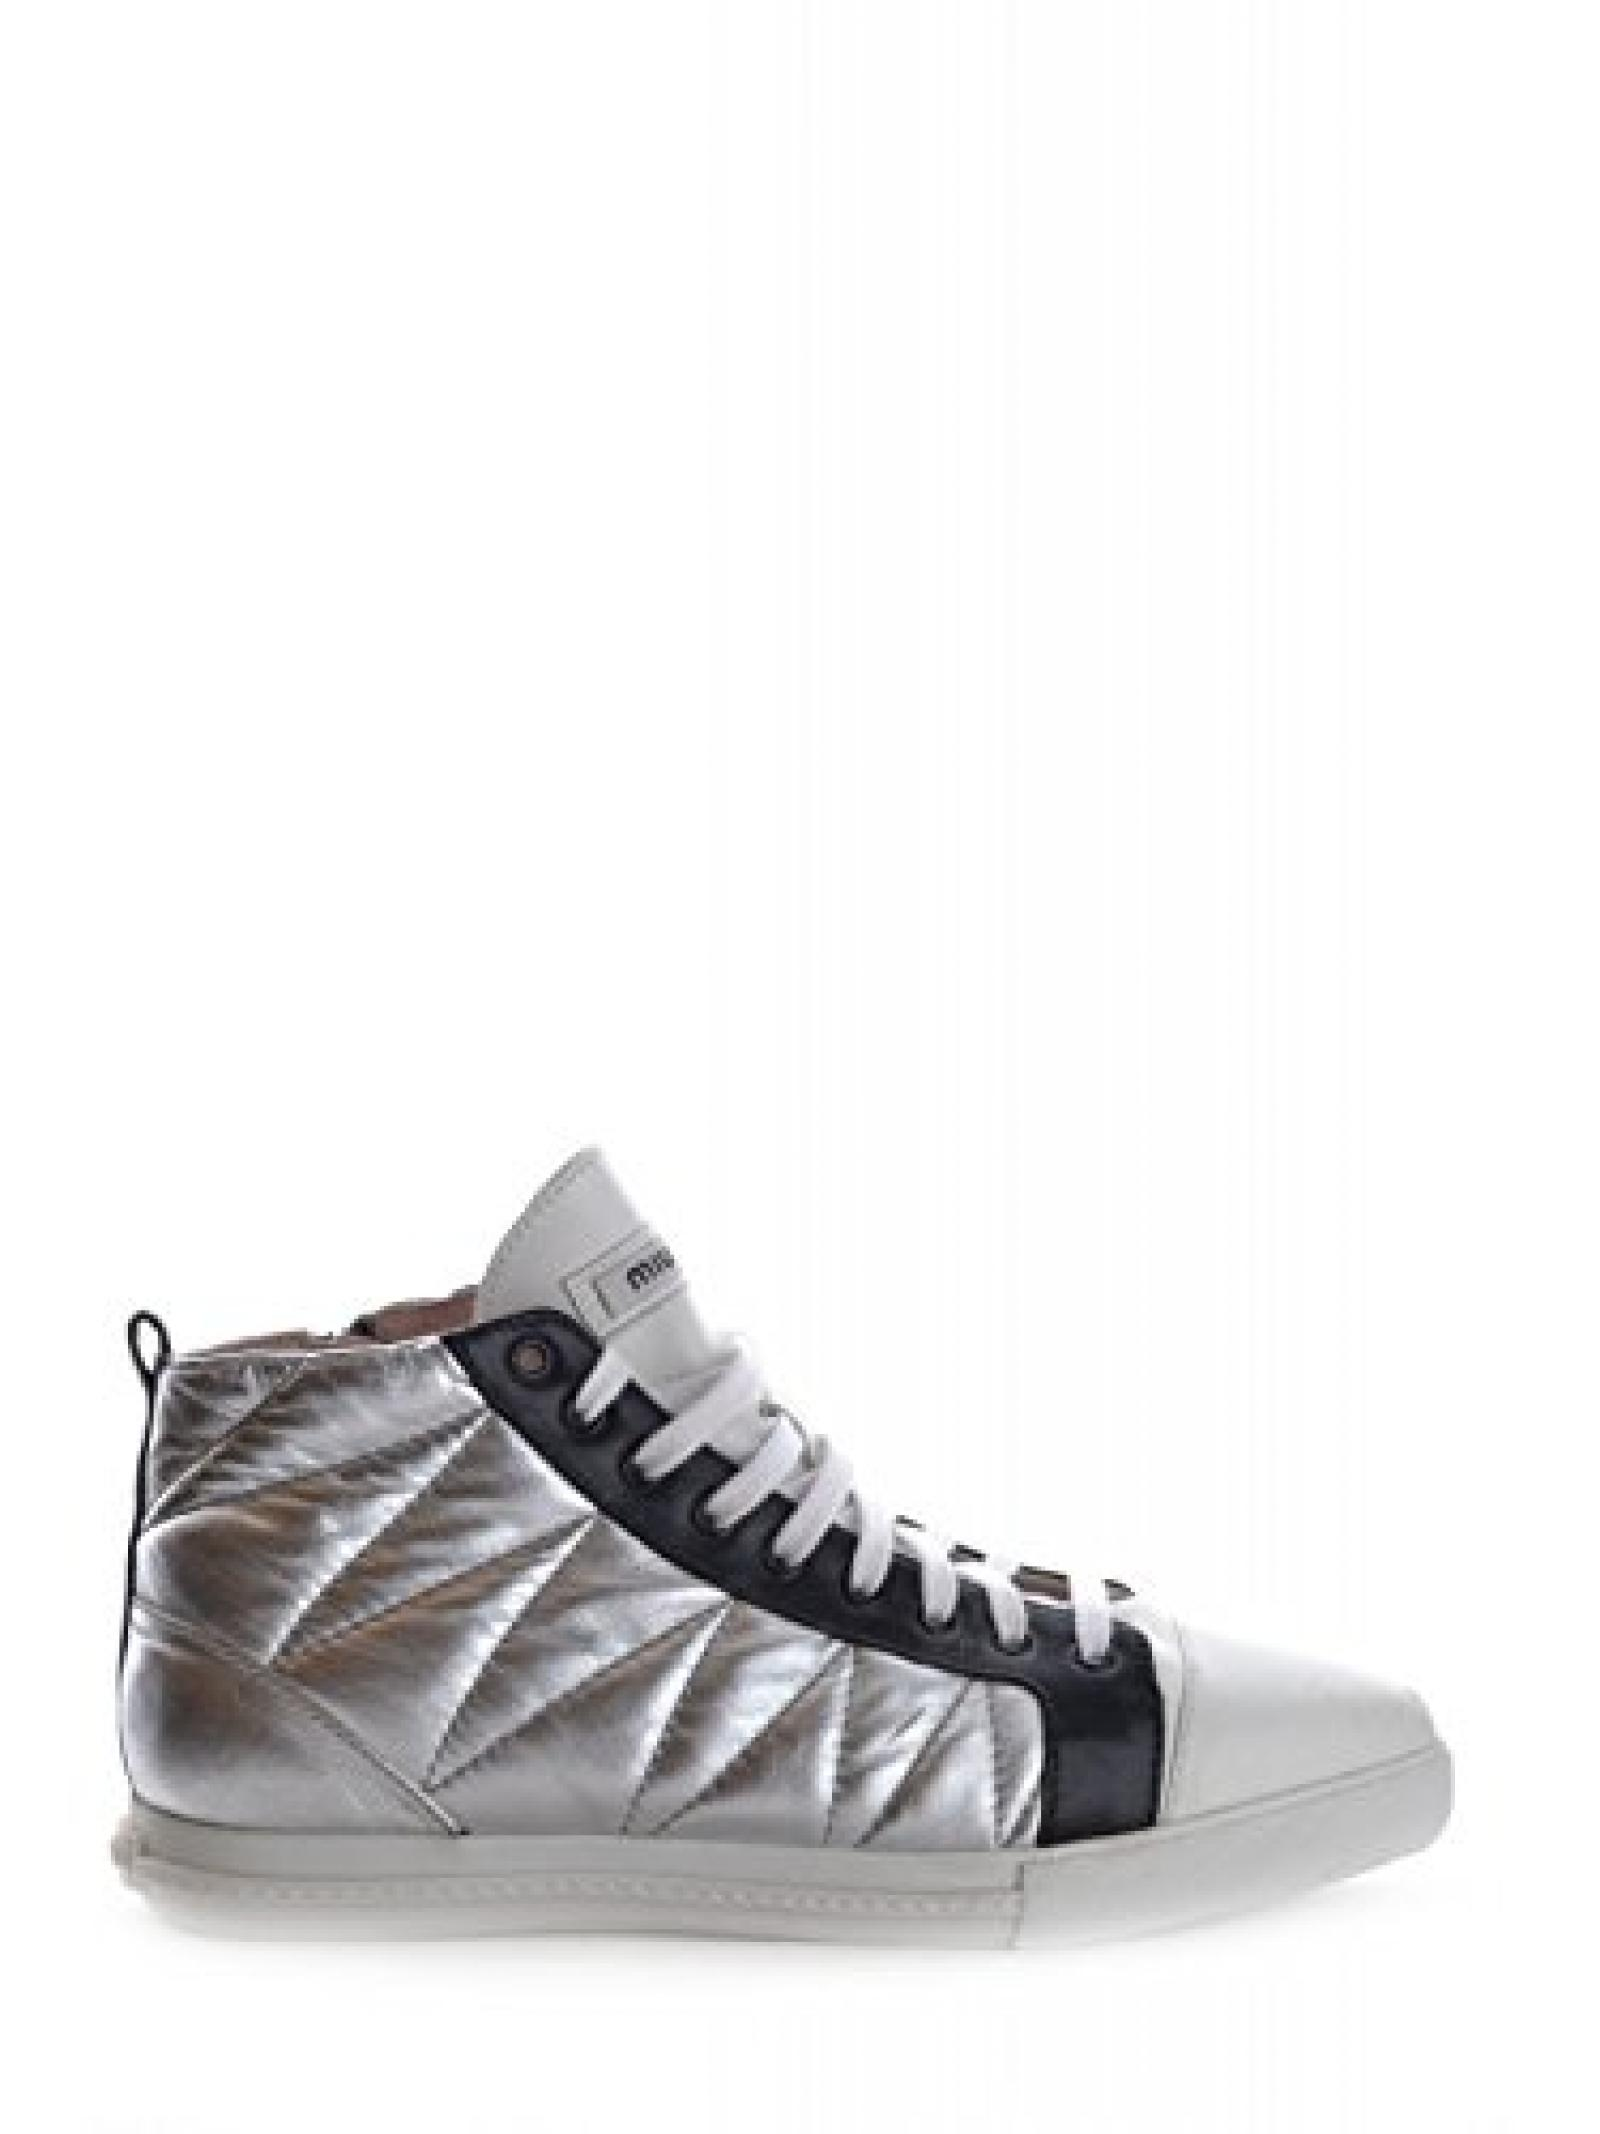 Schuhe pt731 Miu Miu Donna Silber